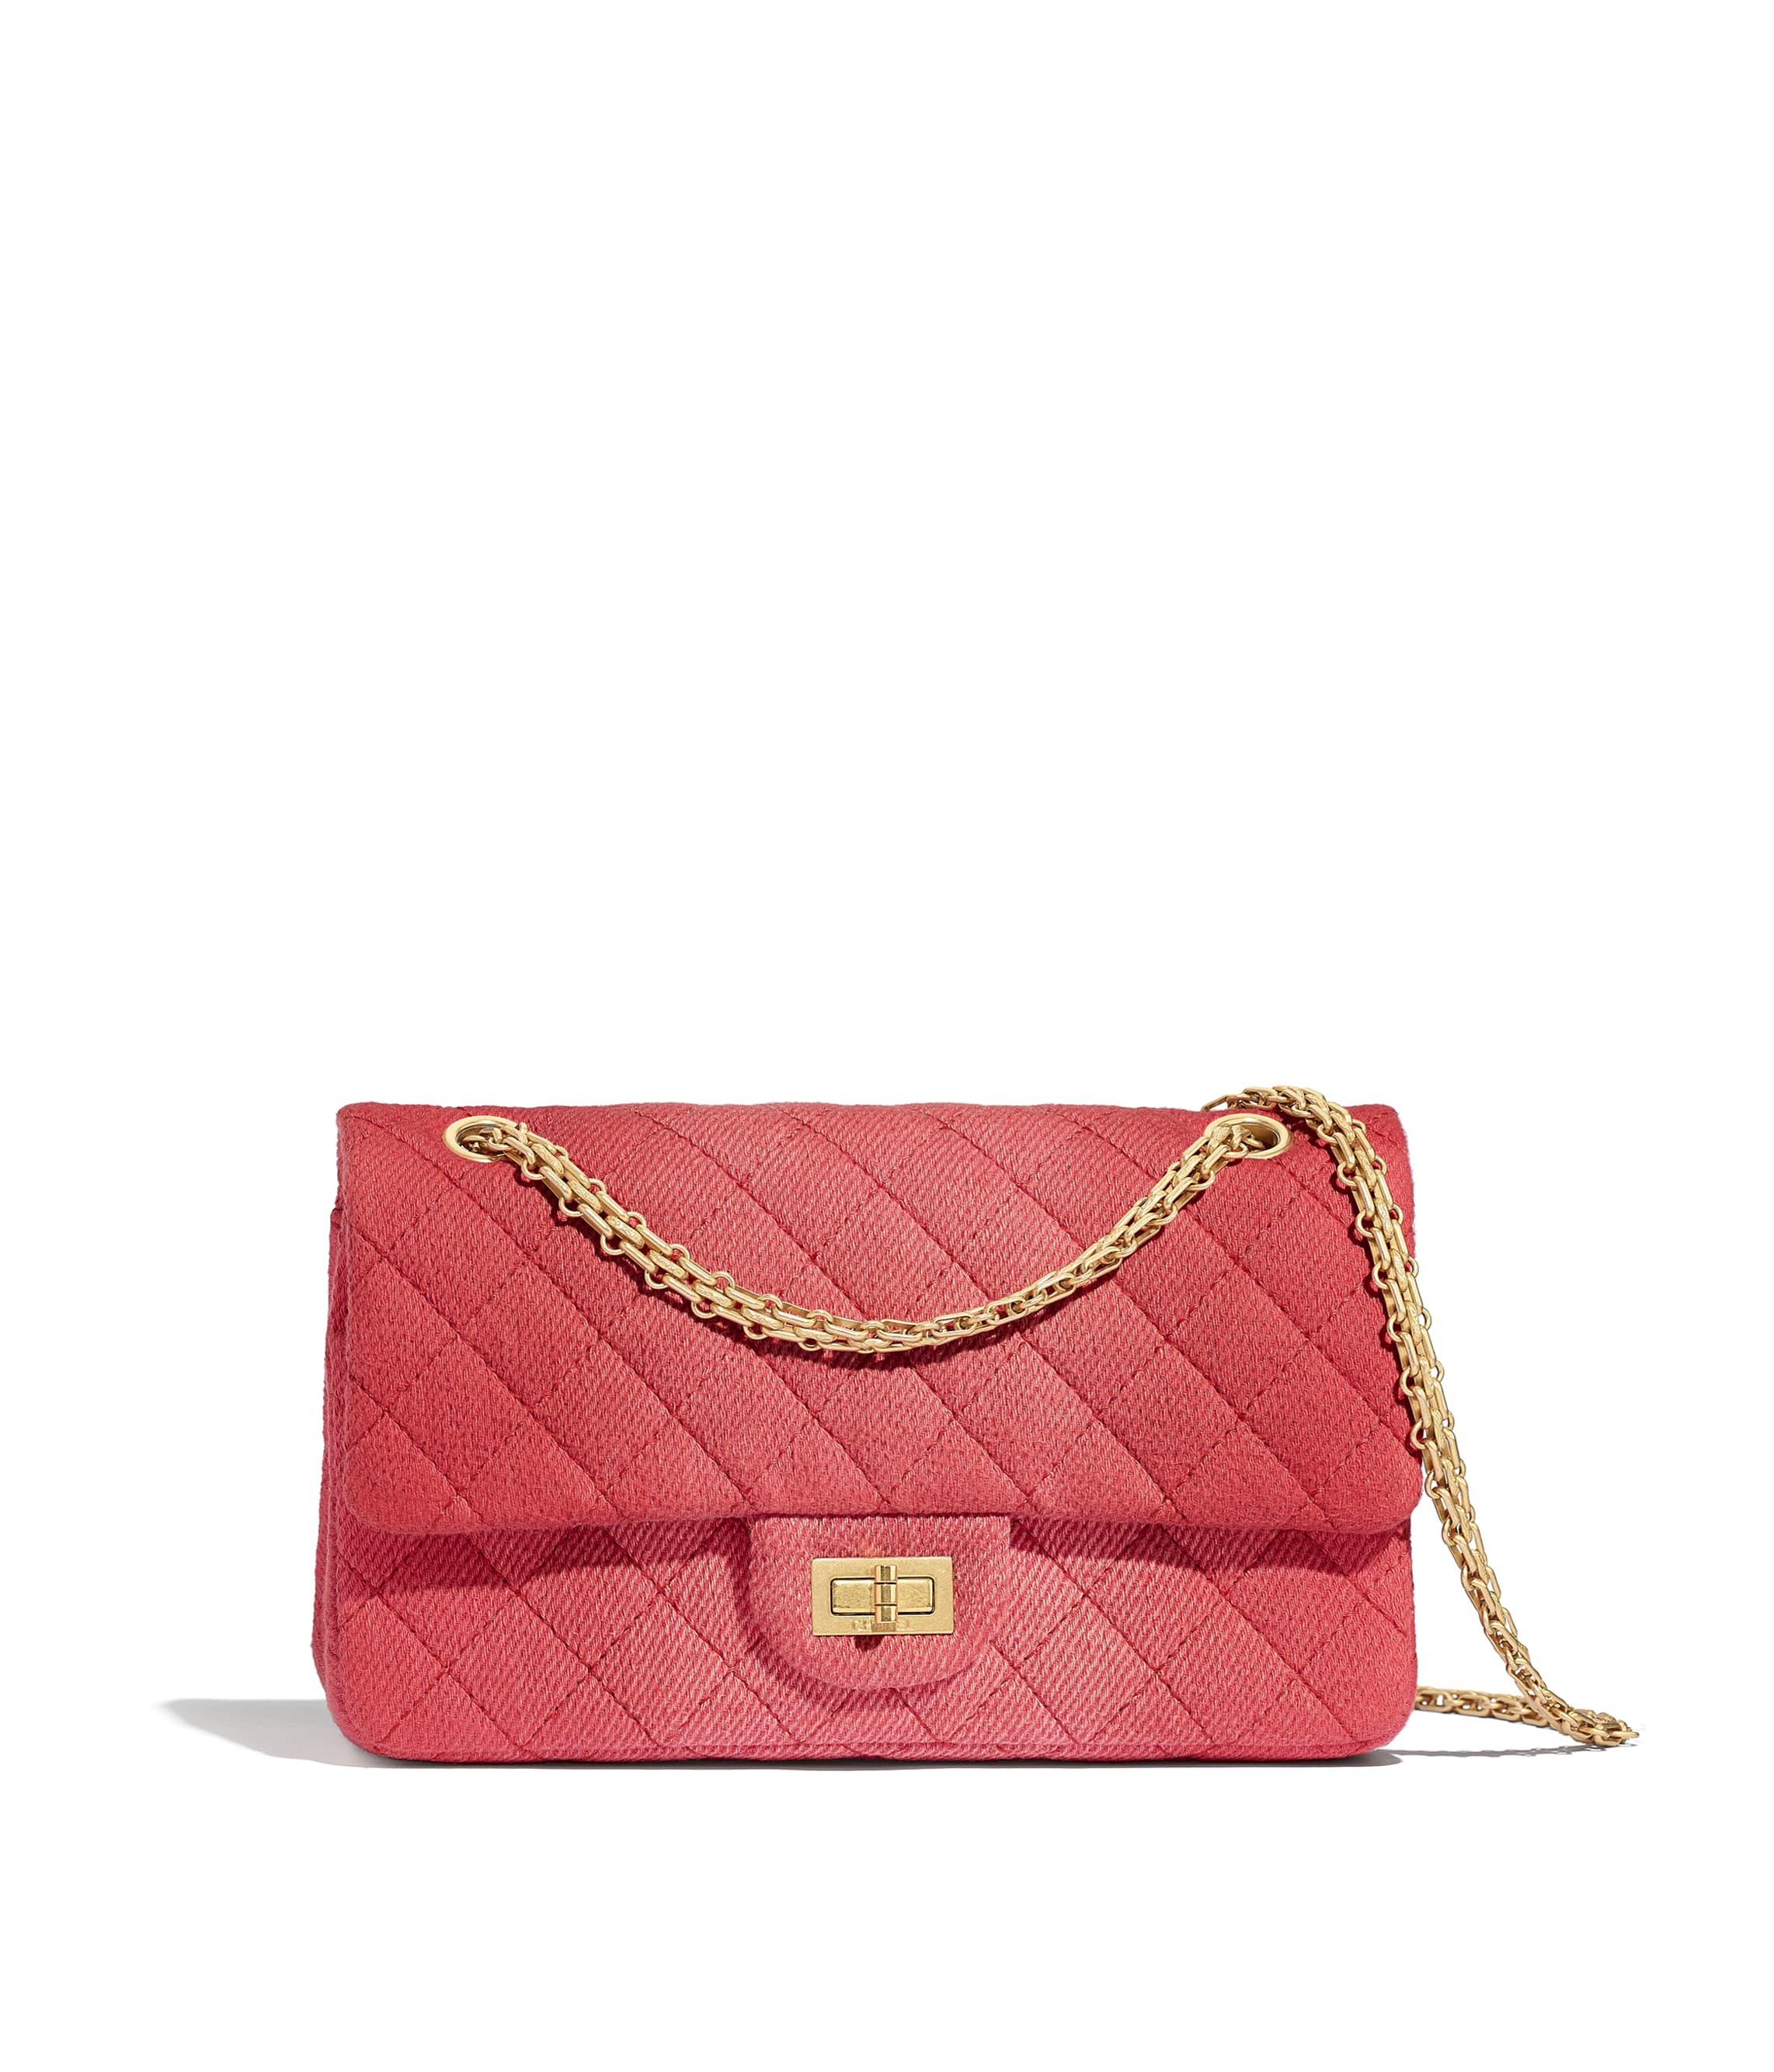 2.55 Handbags - Handbags - CHANEL 86846e3e1b863